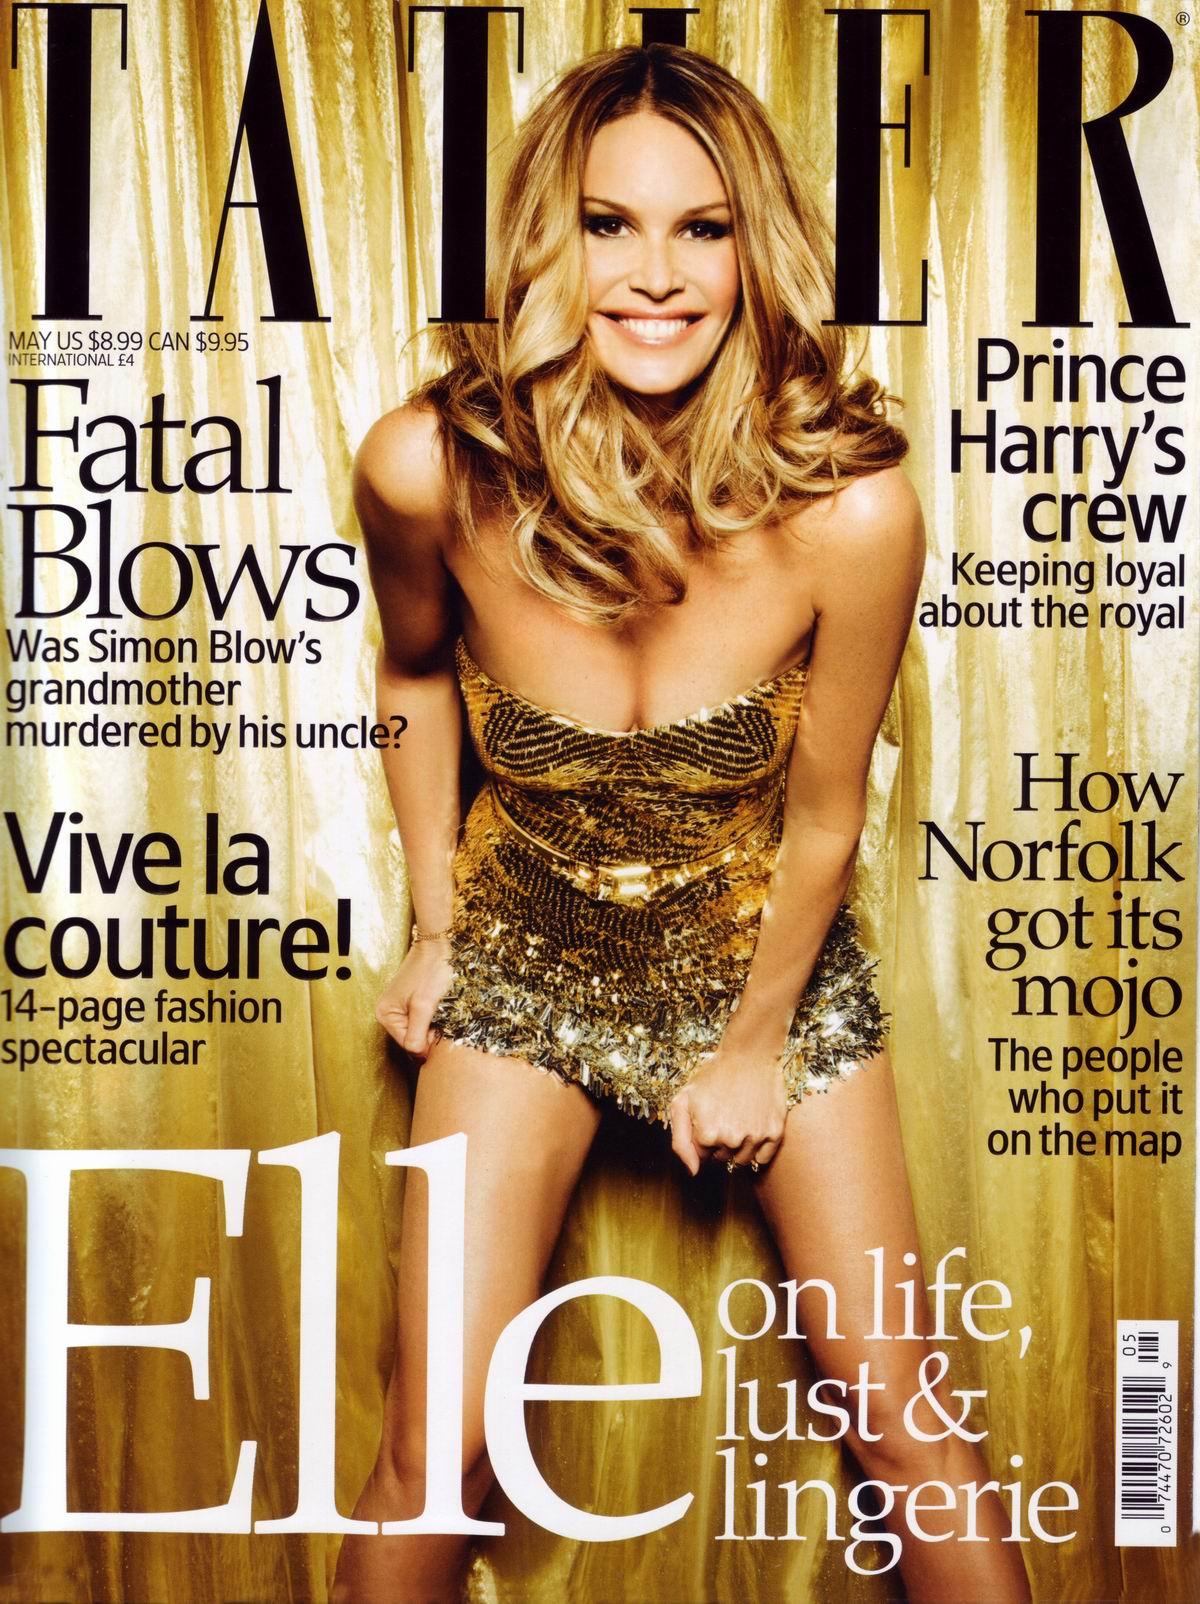 Эль Макферсон (Elle Macpherson) в журнале Tatler, май 2009